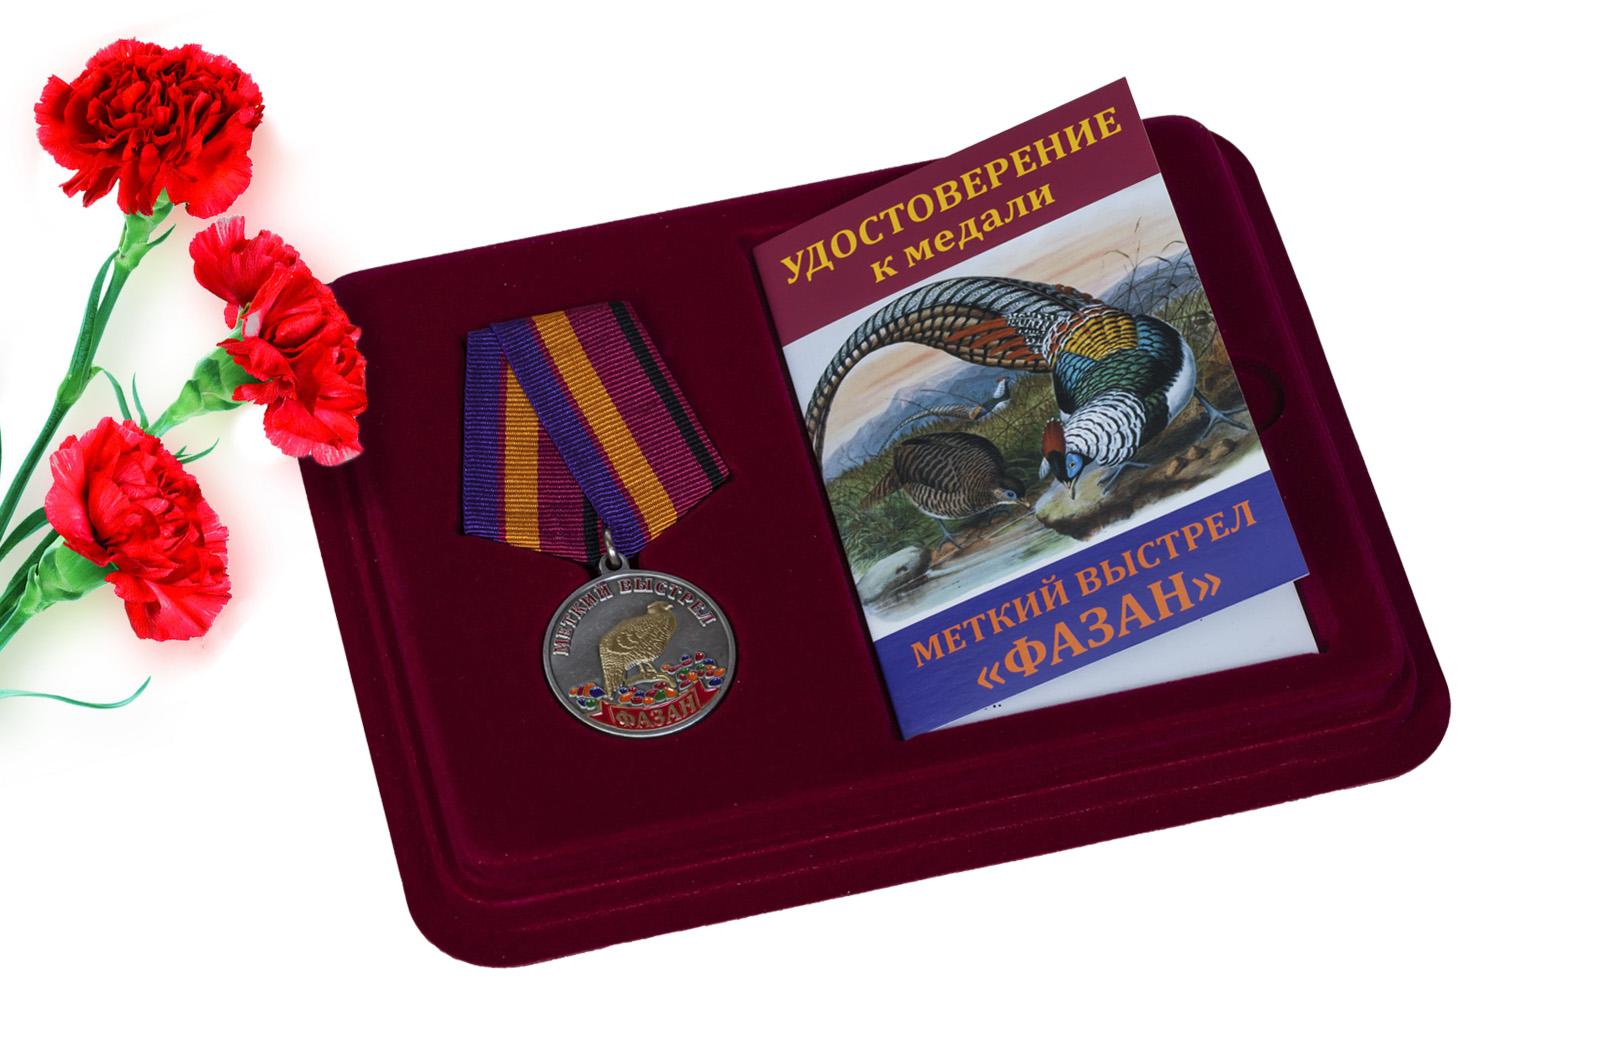 Купить медаль Меткий выстрел Фазан оптом или в розницу